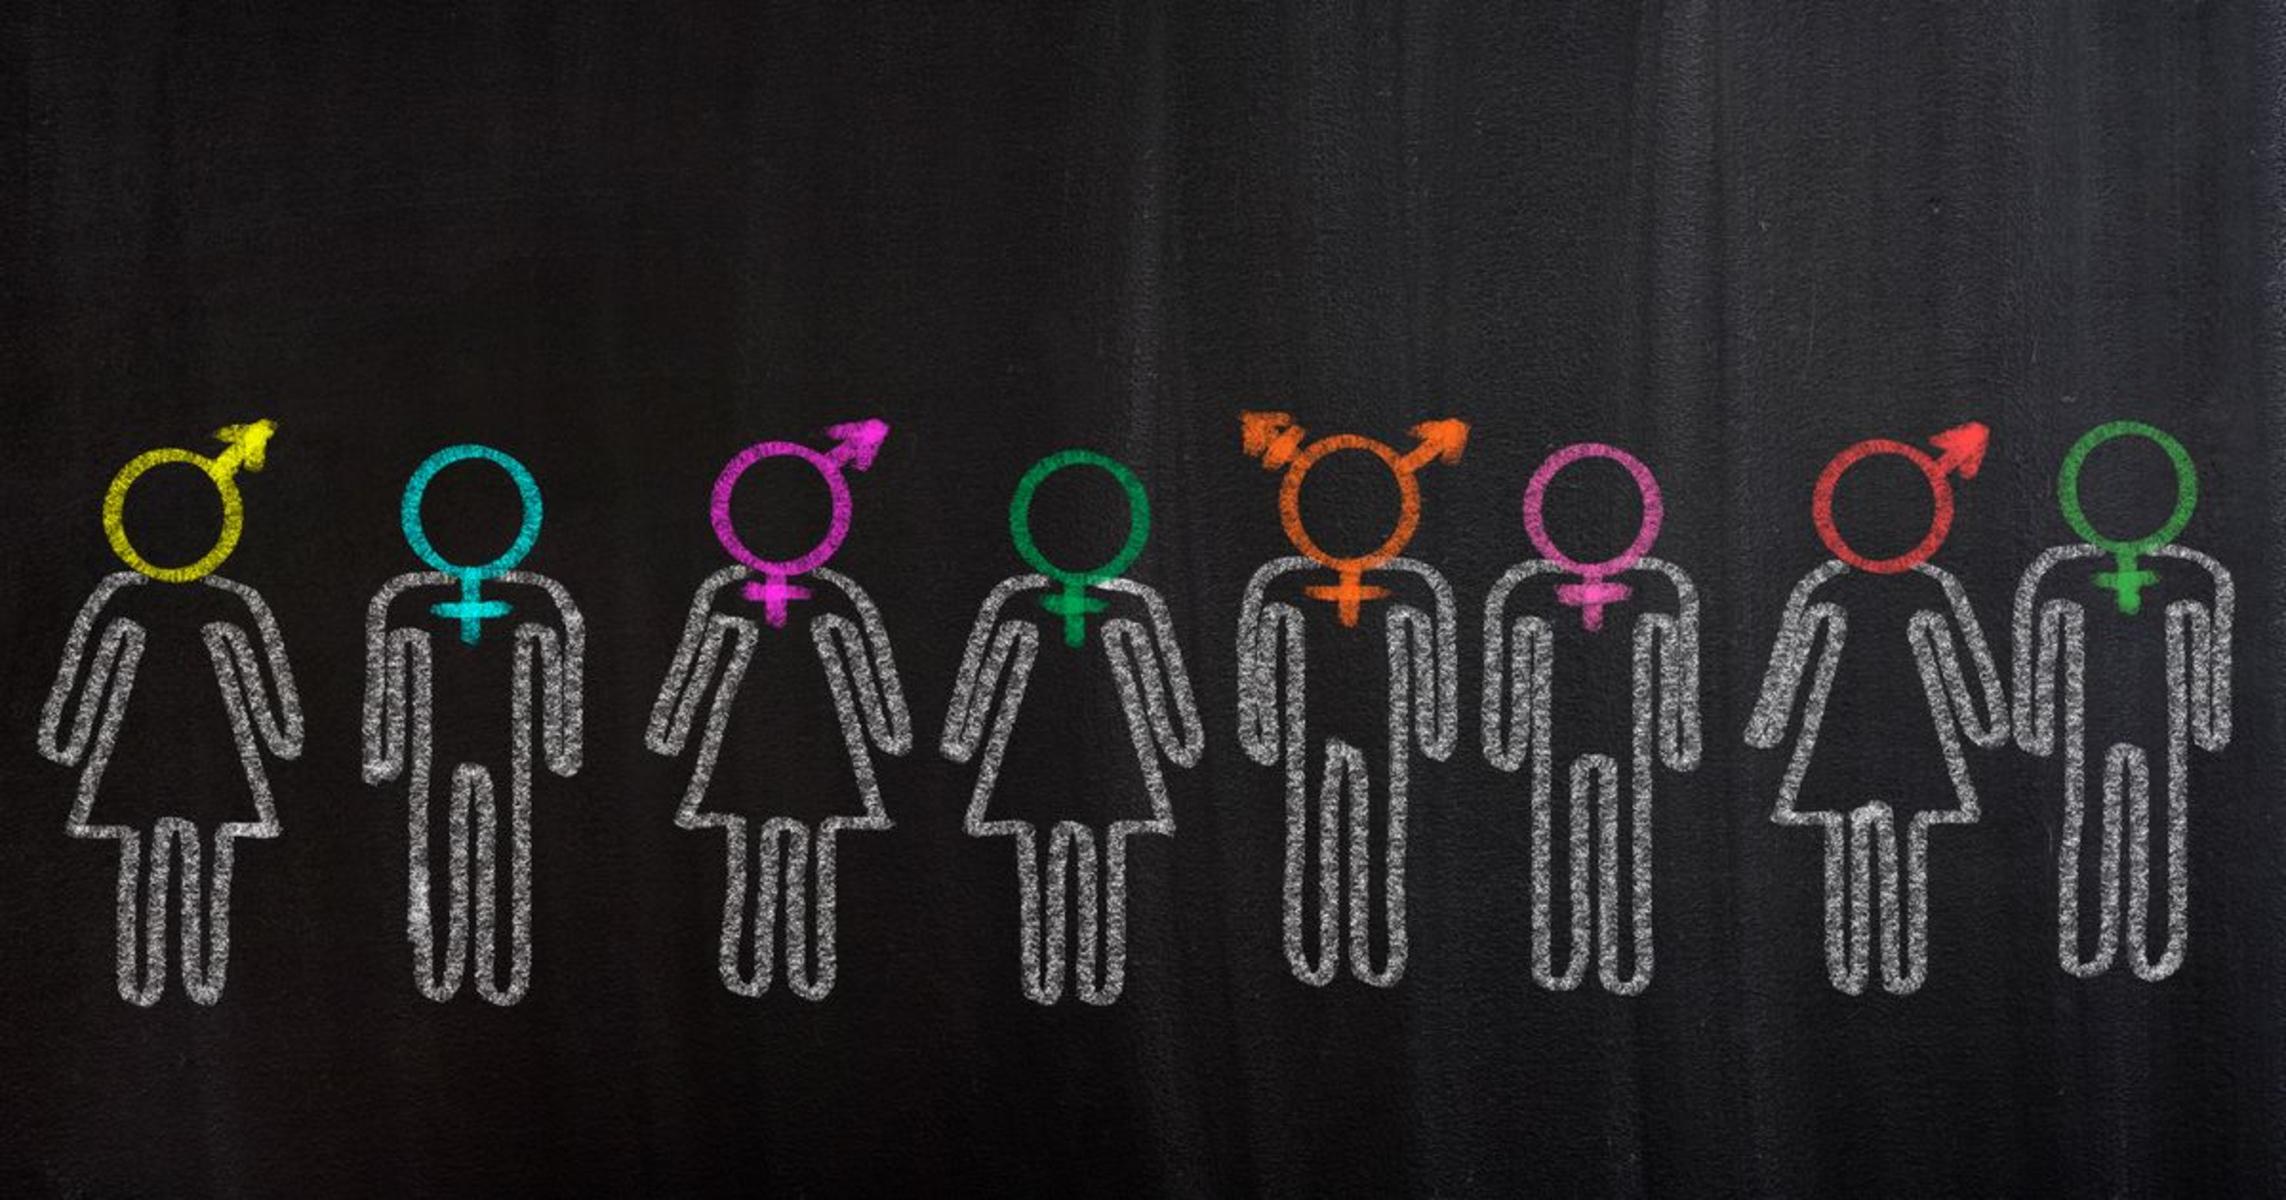 Σεξουαλική συμπεριφορά: Κλίμακα της σεξουαλικότητας Kinsey